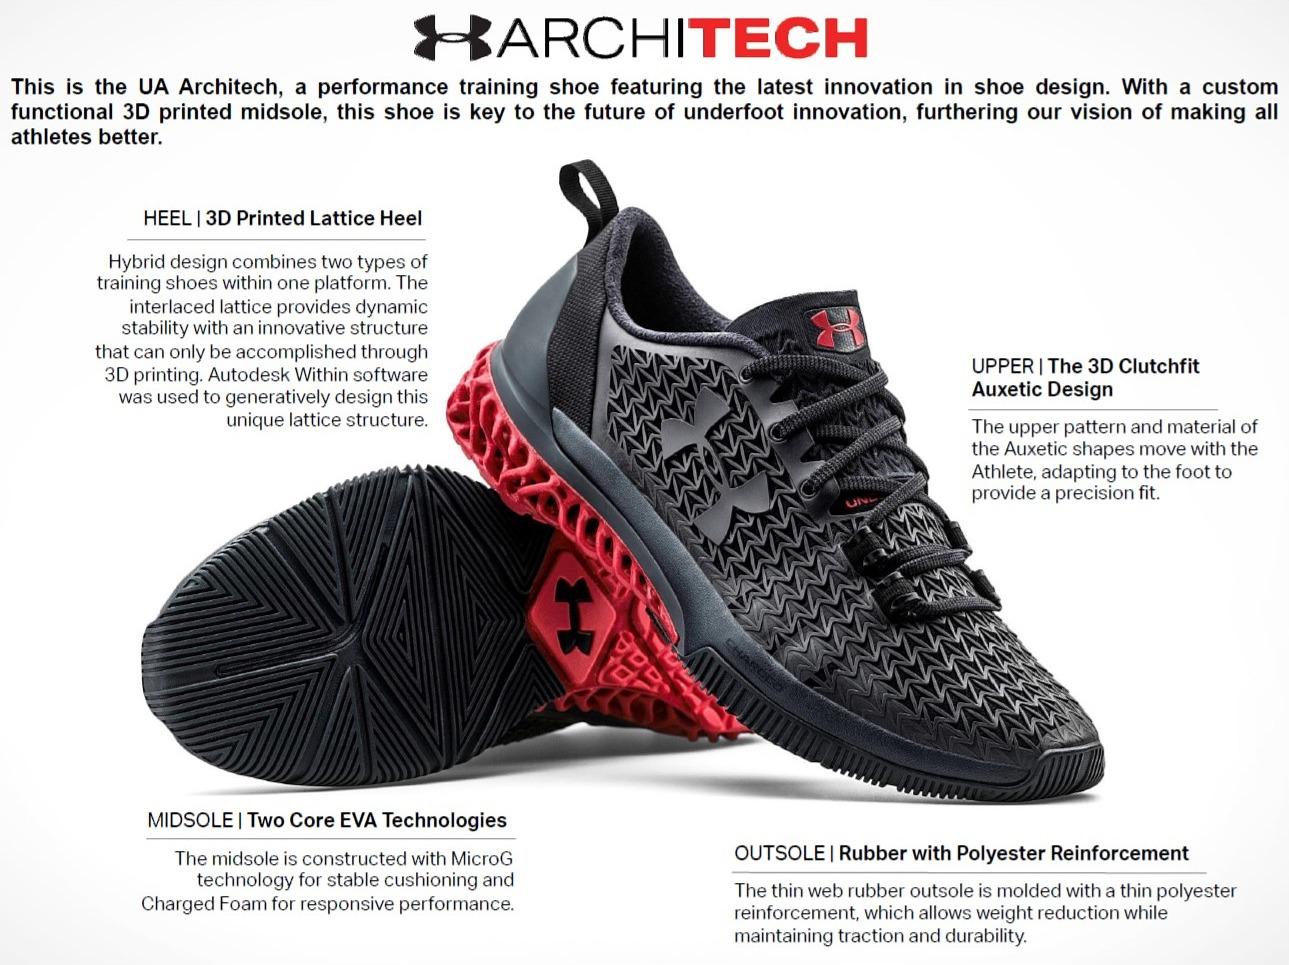 architech-3d-printed-shoe-under-armour-05